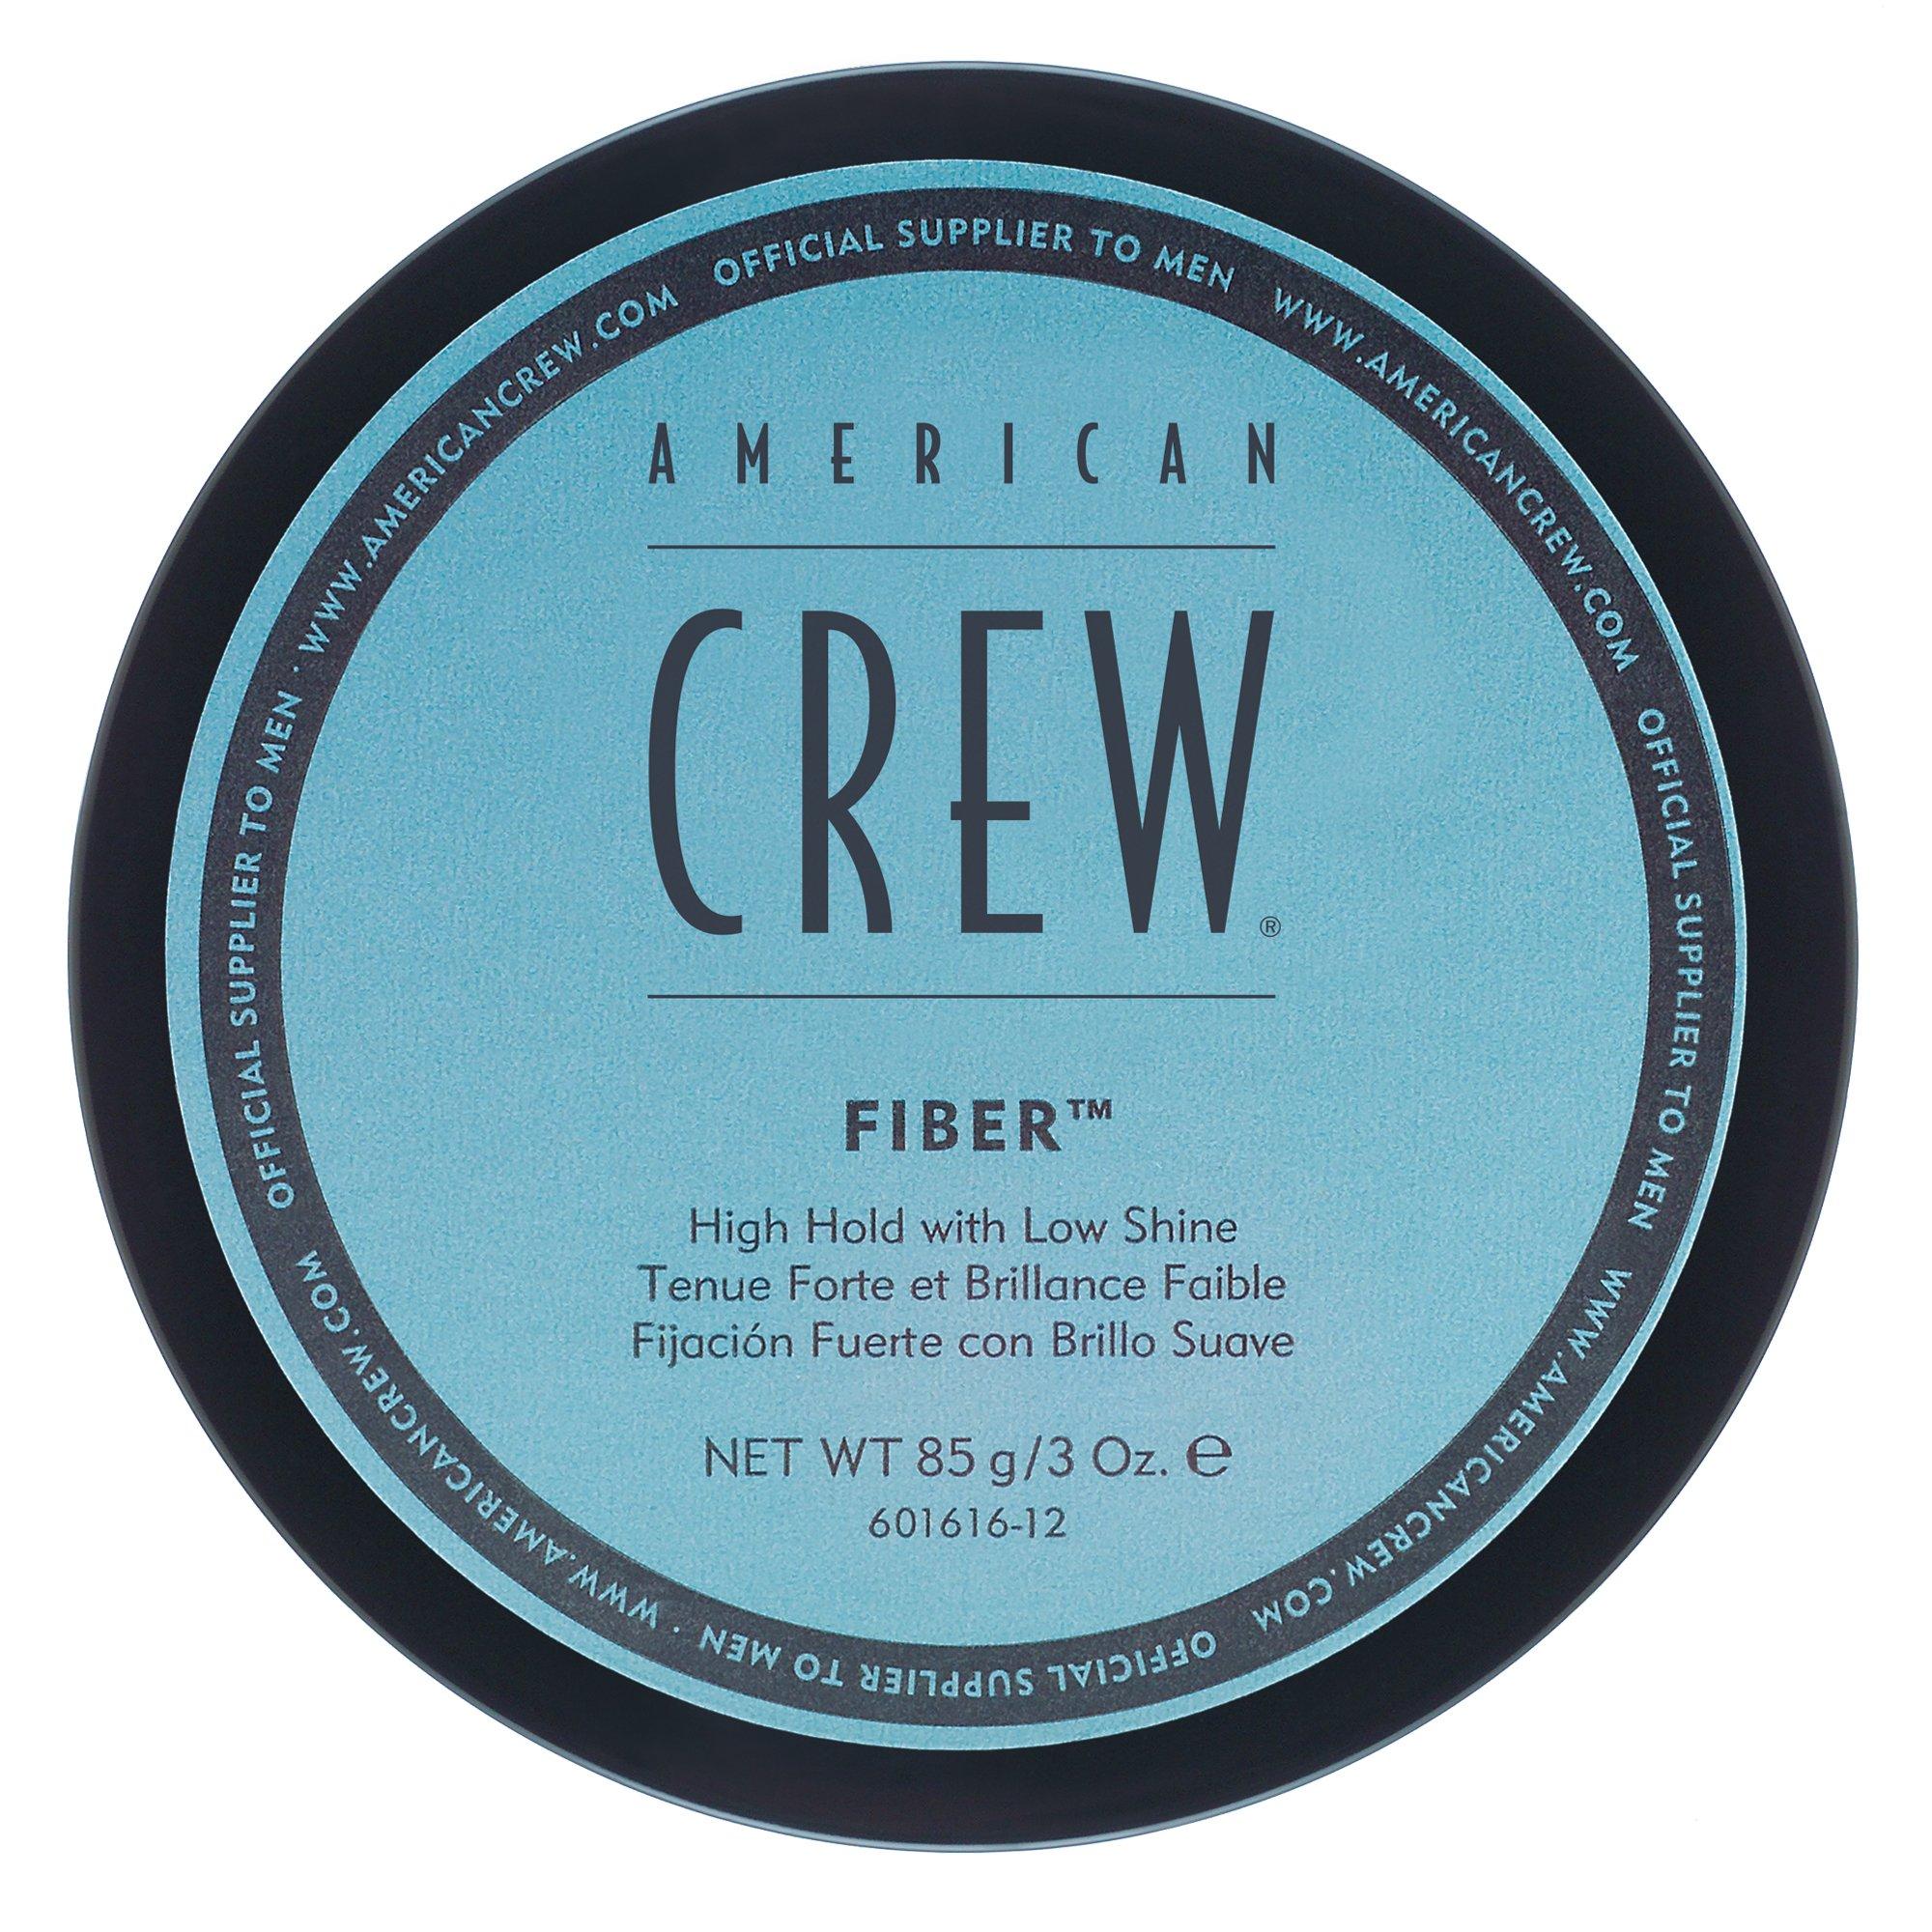 Buy Crew Now!